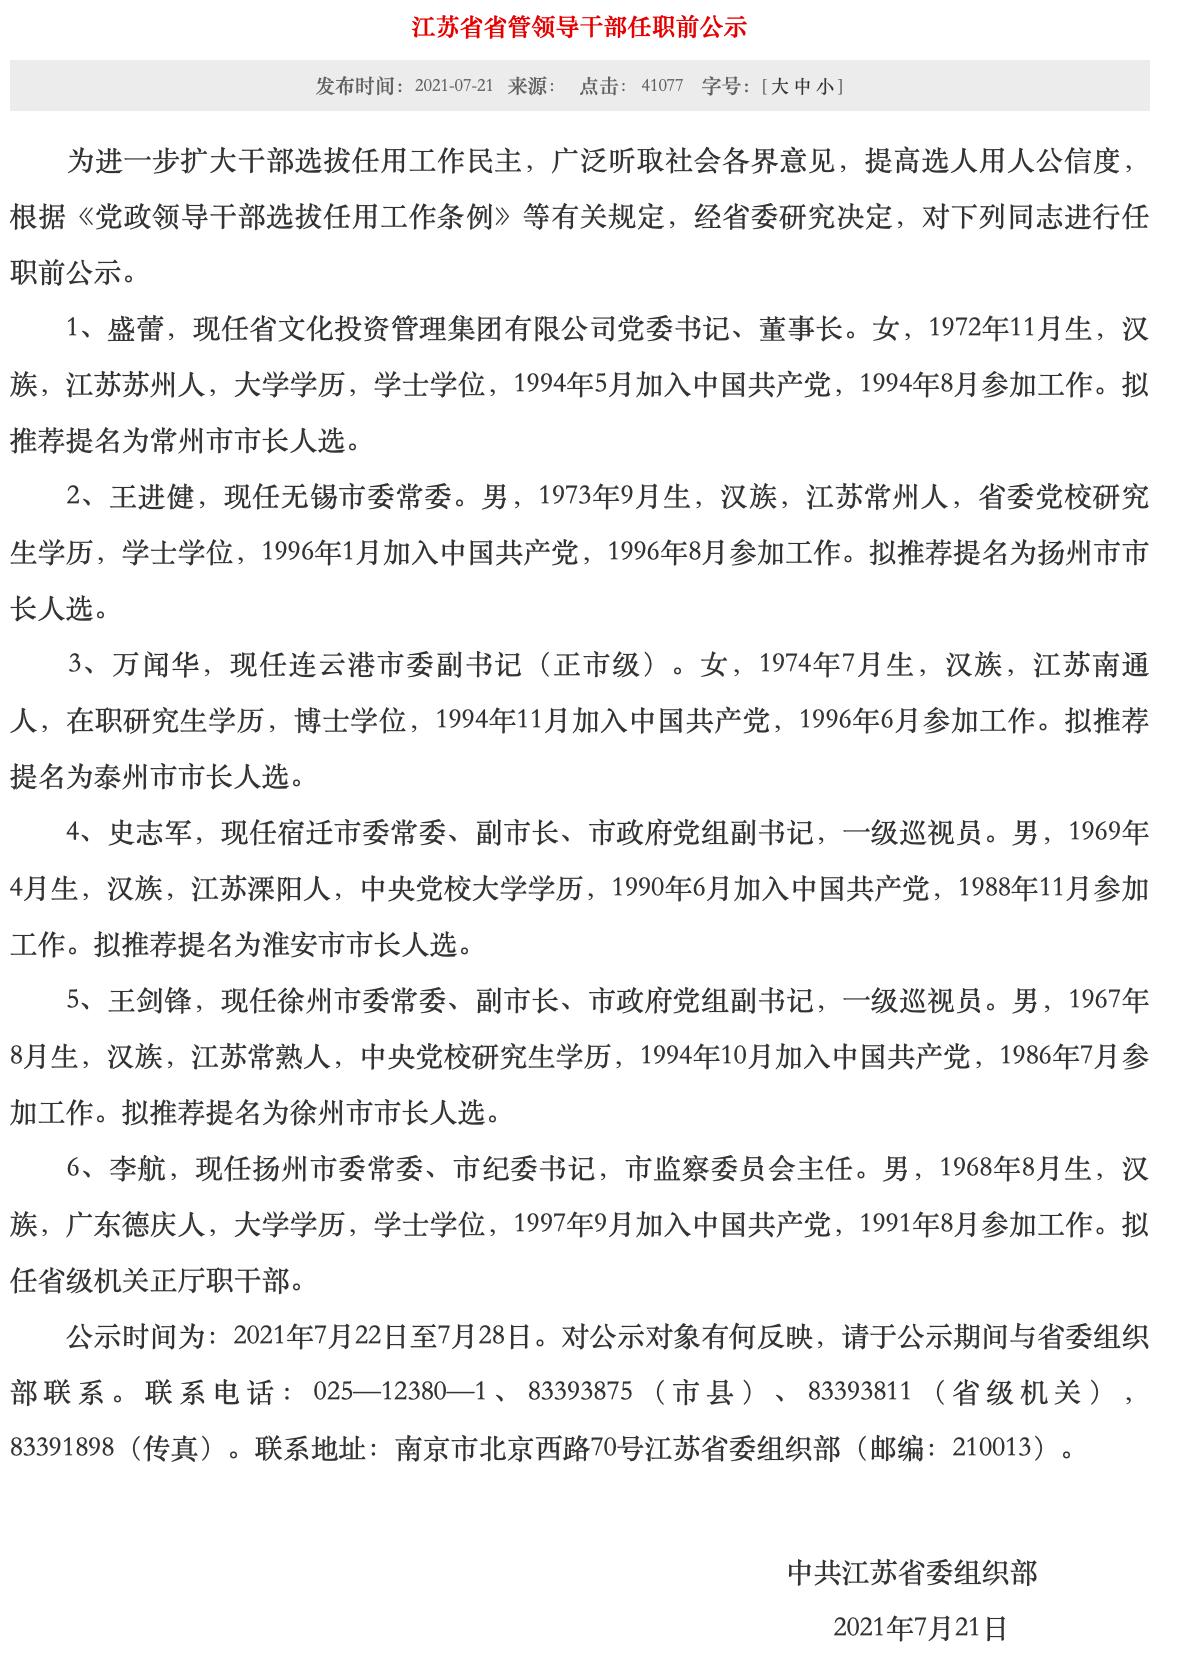 百事2娱乐:江苏5市市长拟调整